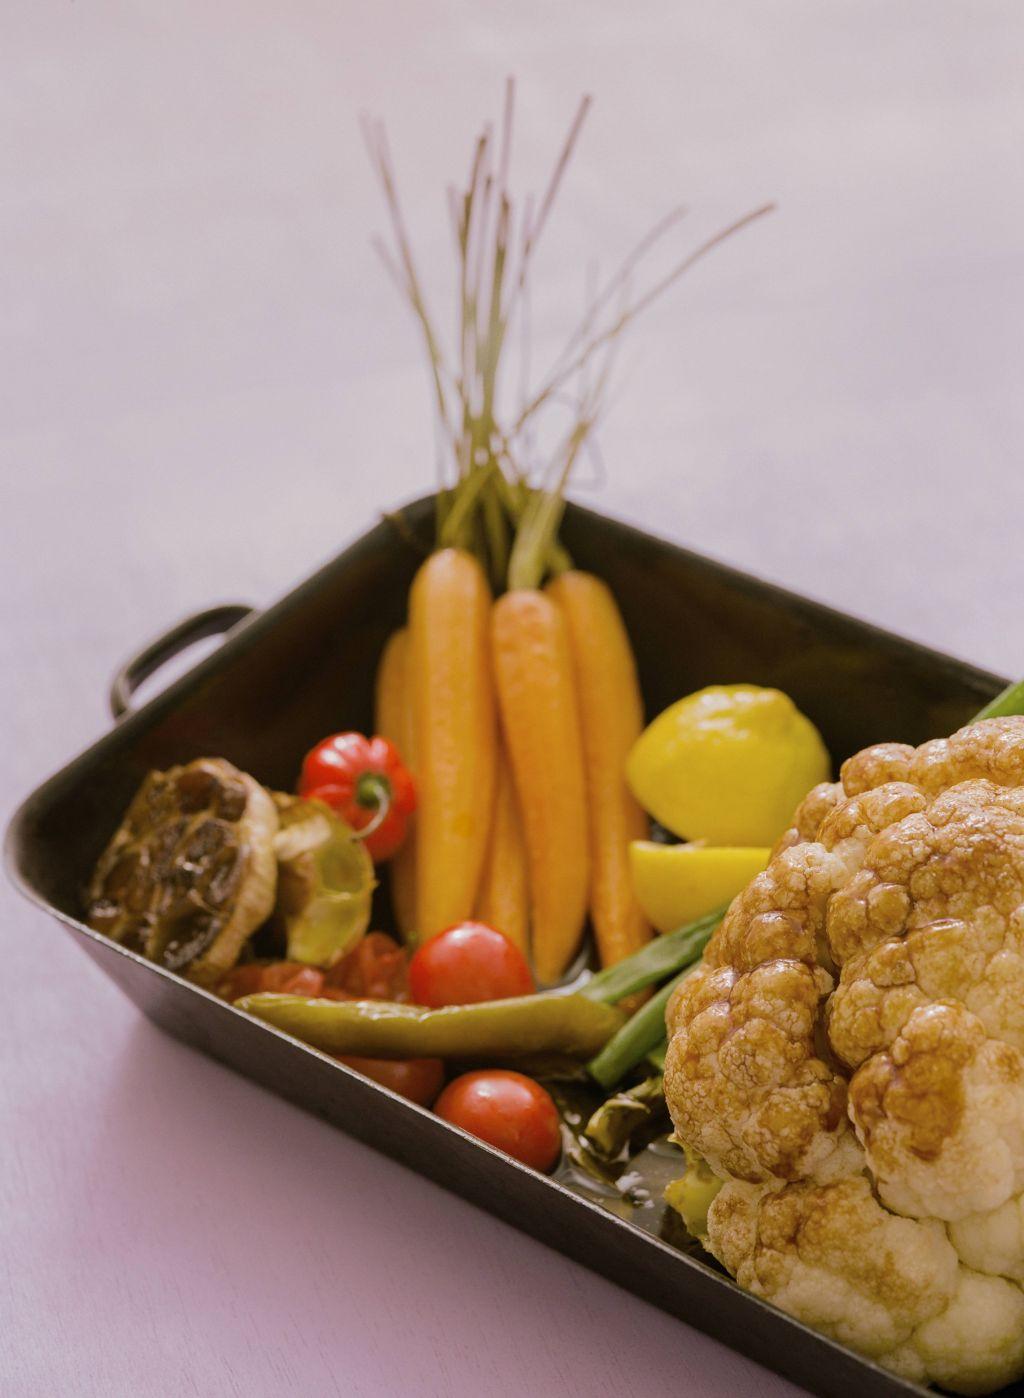 Gesundes Essen aus frischen Zutaten (c) Lisa Edi (Hotel Blü Gastein)